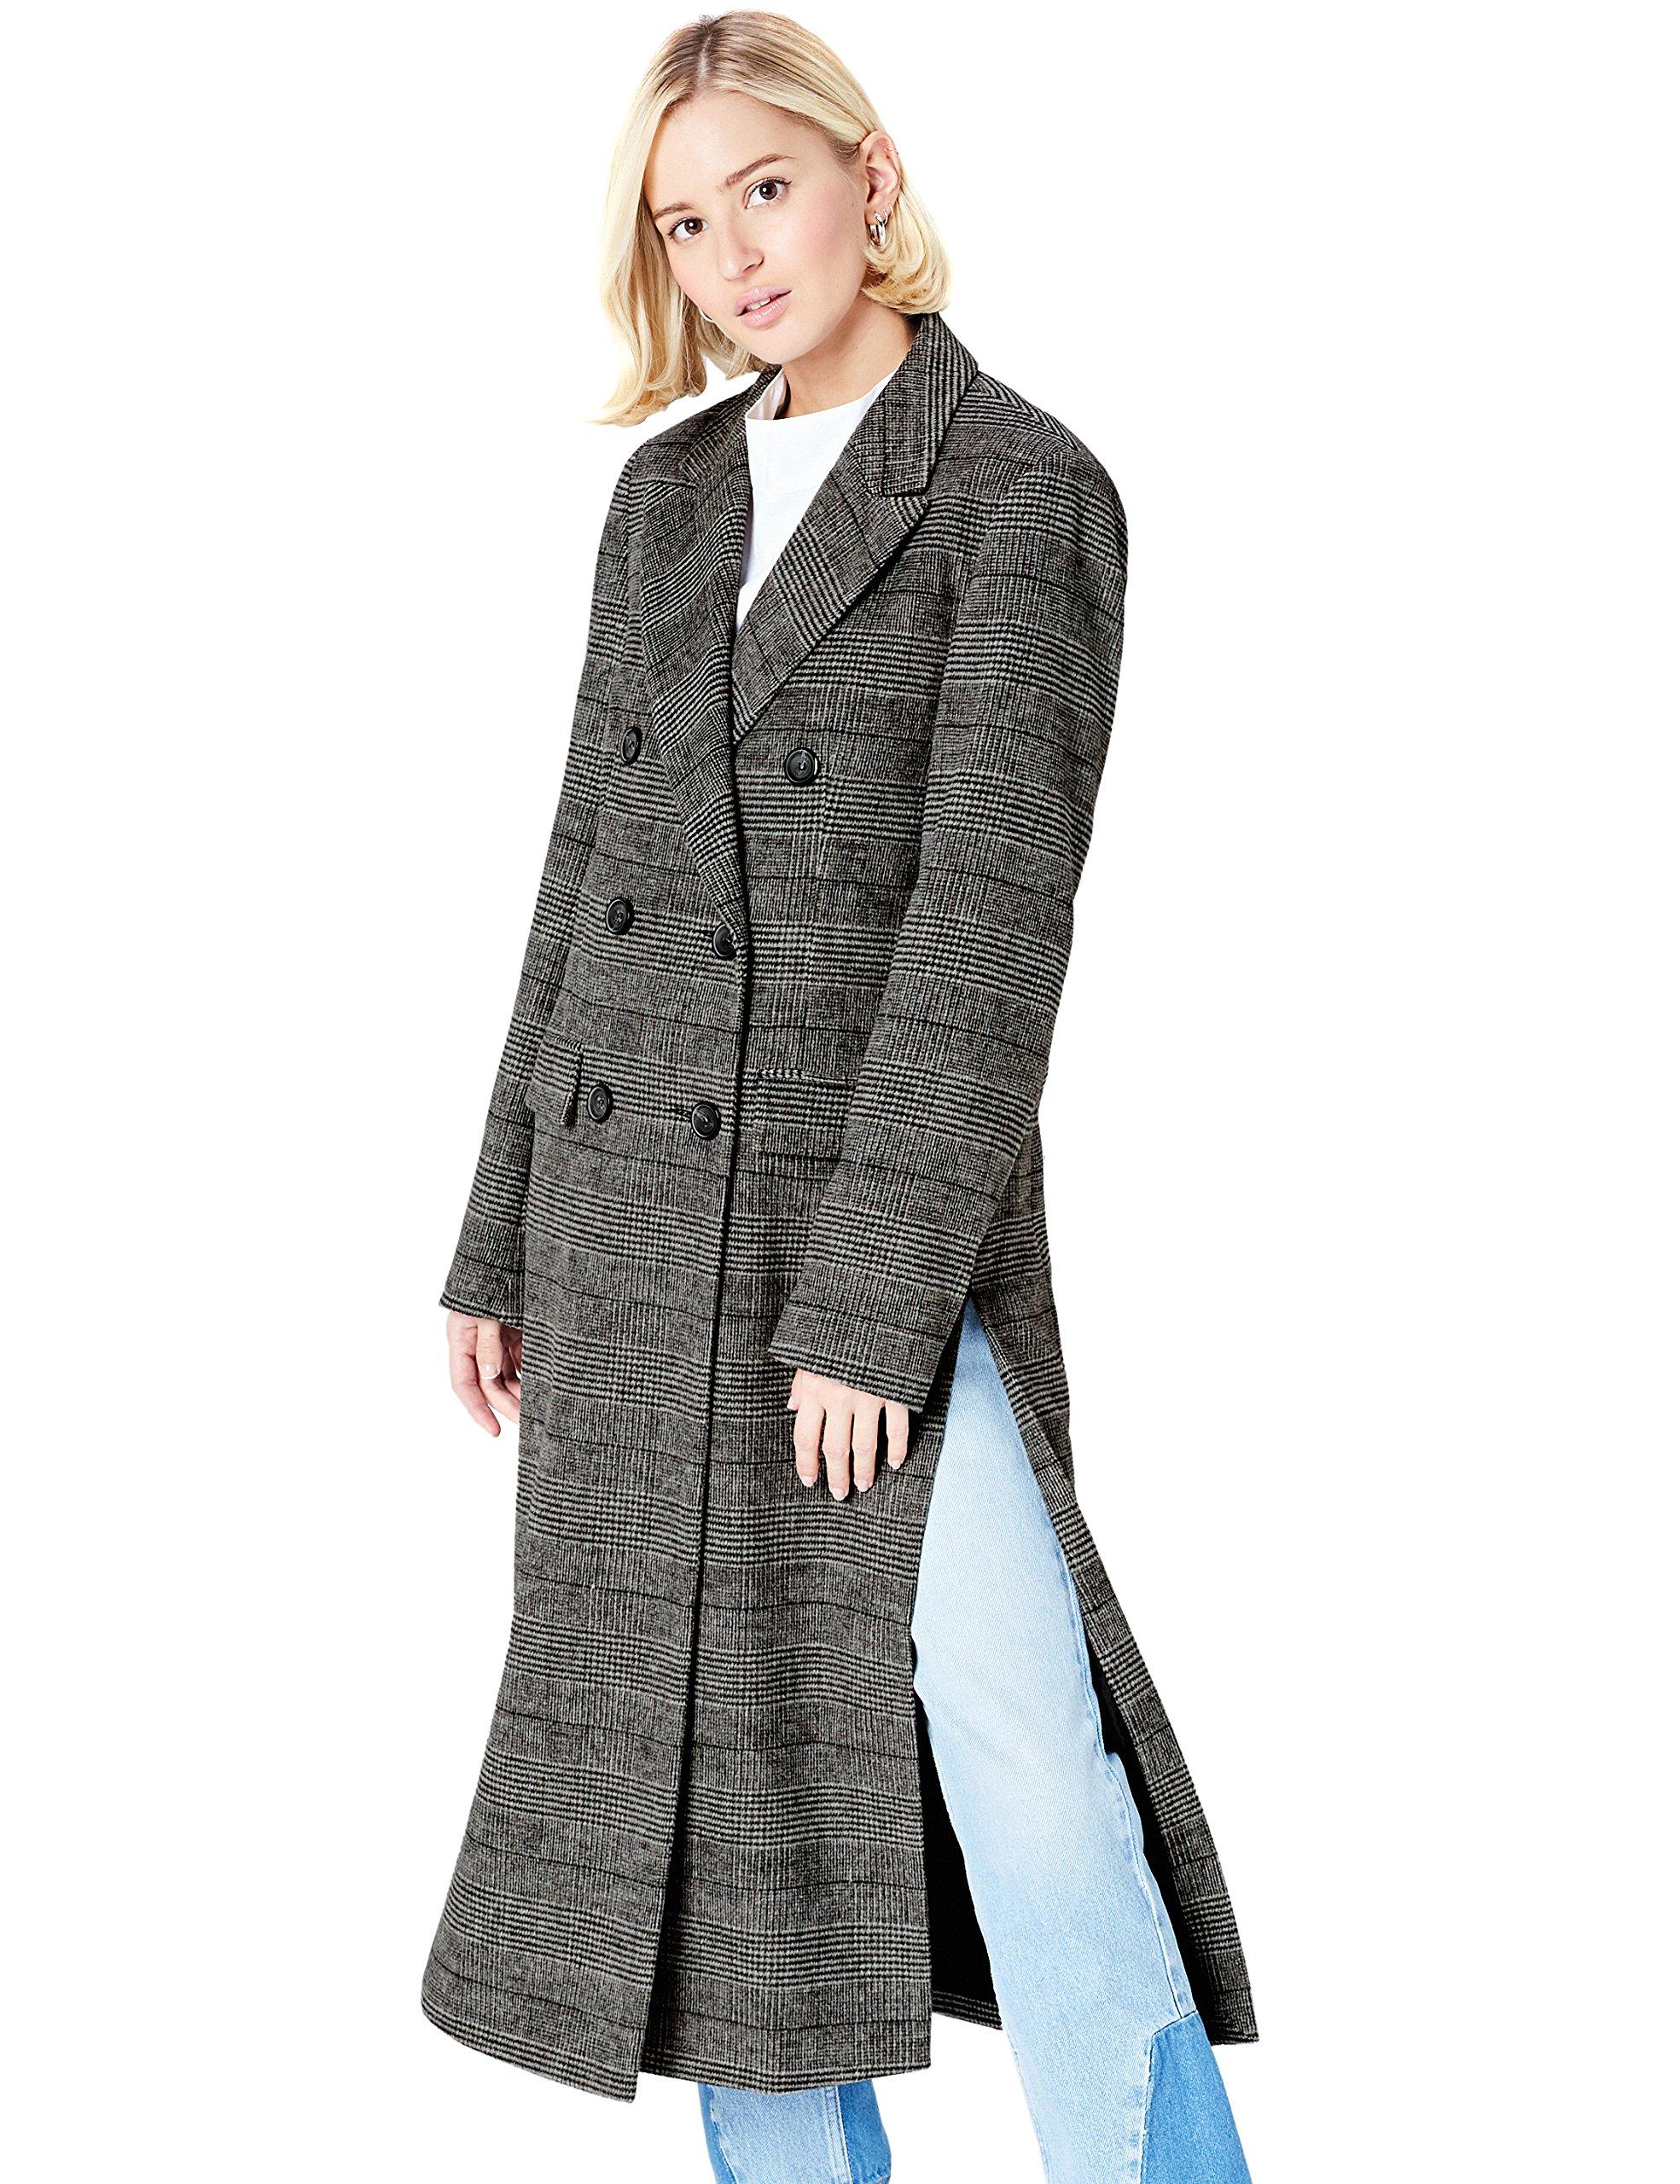 10 abrigos enormes para llevar con todo lo que quieras | Glamour